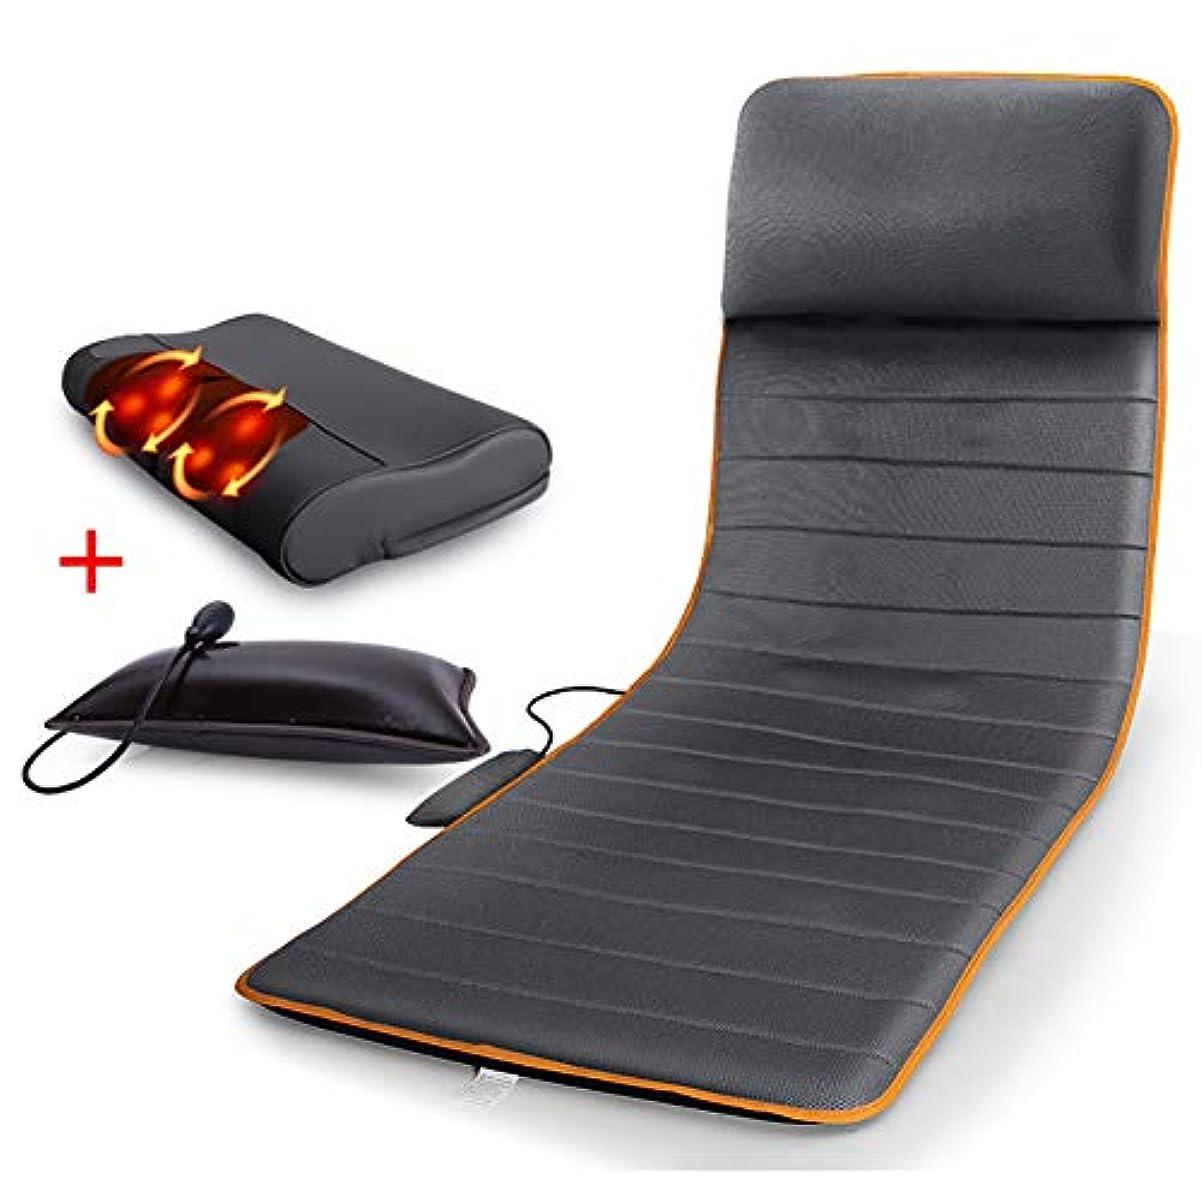 不適当延ばす協会多機能ボディ電気毛布ベッドマッサージシートクッション - 熱で背中のマッサージャー、フルバックの痛みを軽減、ホームオフィスの椅子のためのマッサージチェアパッド